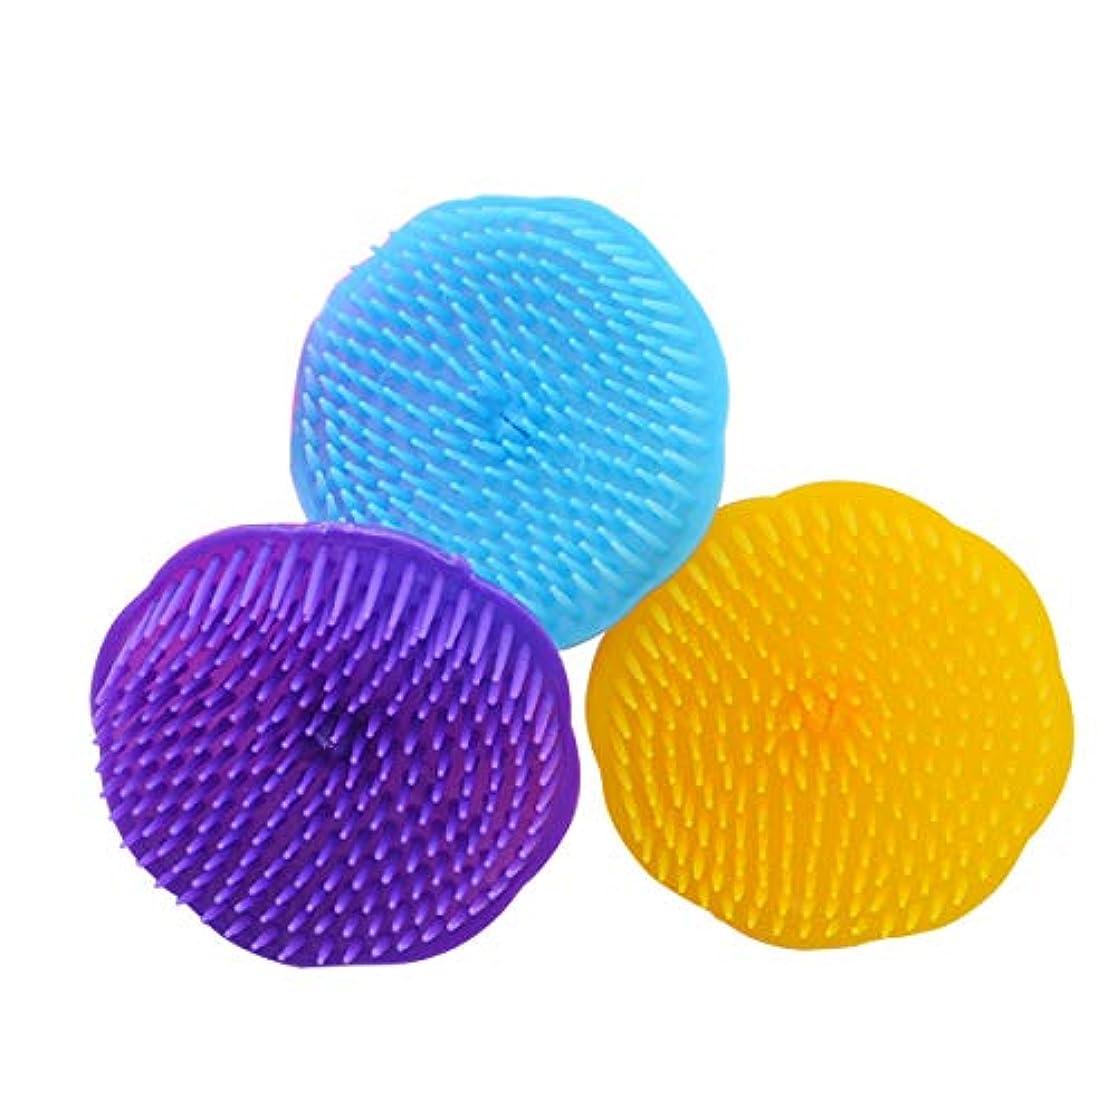 葉巻主流マットSUPVOX ヘアマッサージブラシ シャワーシャンプー頭皮ブラシヘッドボディマッサージスパスリミングブラシ3PCS(ランダムカラー)